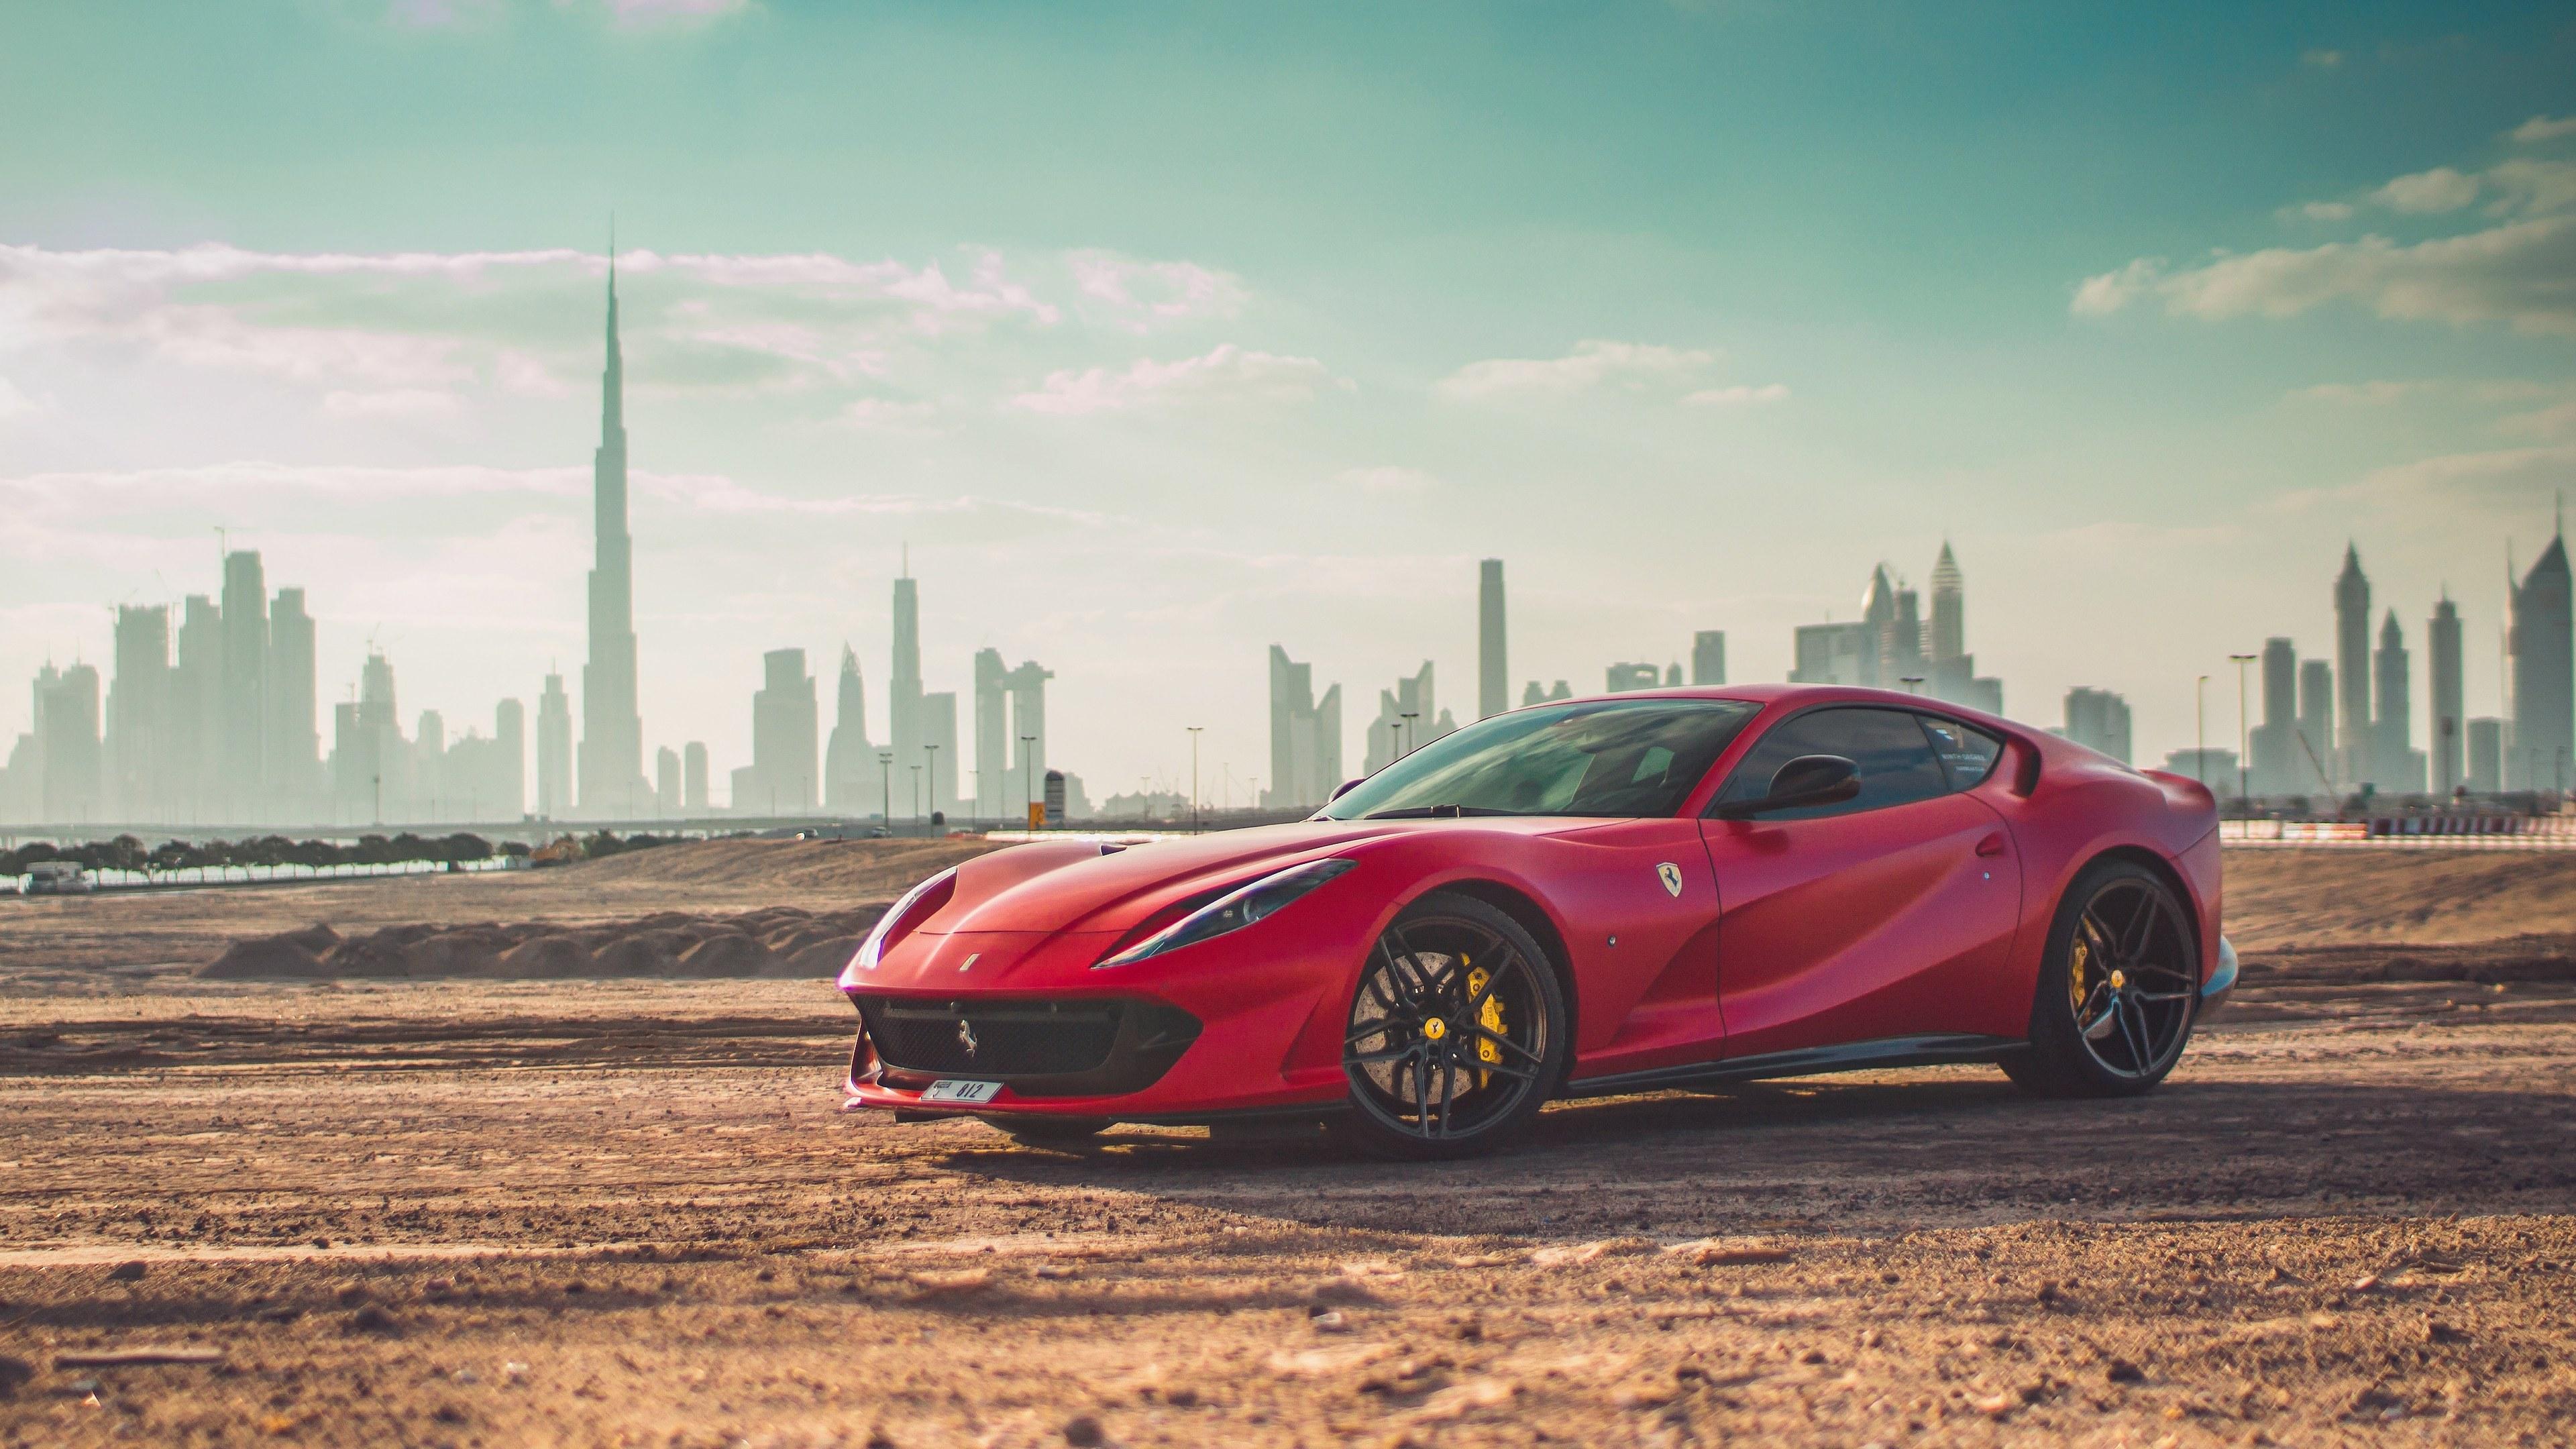 ferrari 812 superfast 4k 1546362173 - Ferrari 812 SuperFast 4k - hd-wallpapers, ferrari wallpapers, ferrari 812 wallpapers, 4k-wallpapers, 2018 cars wallpapers